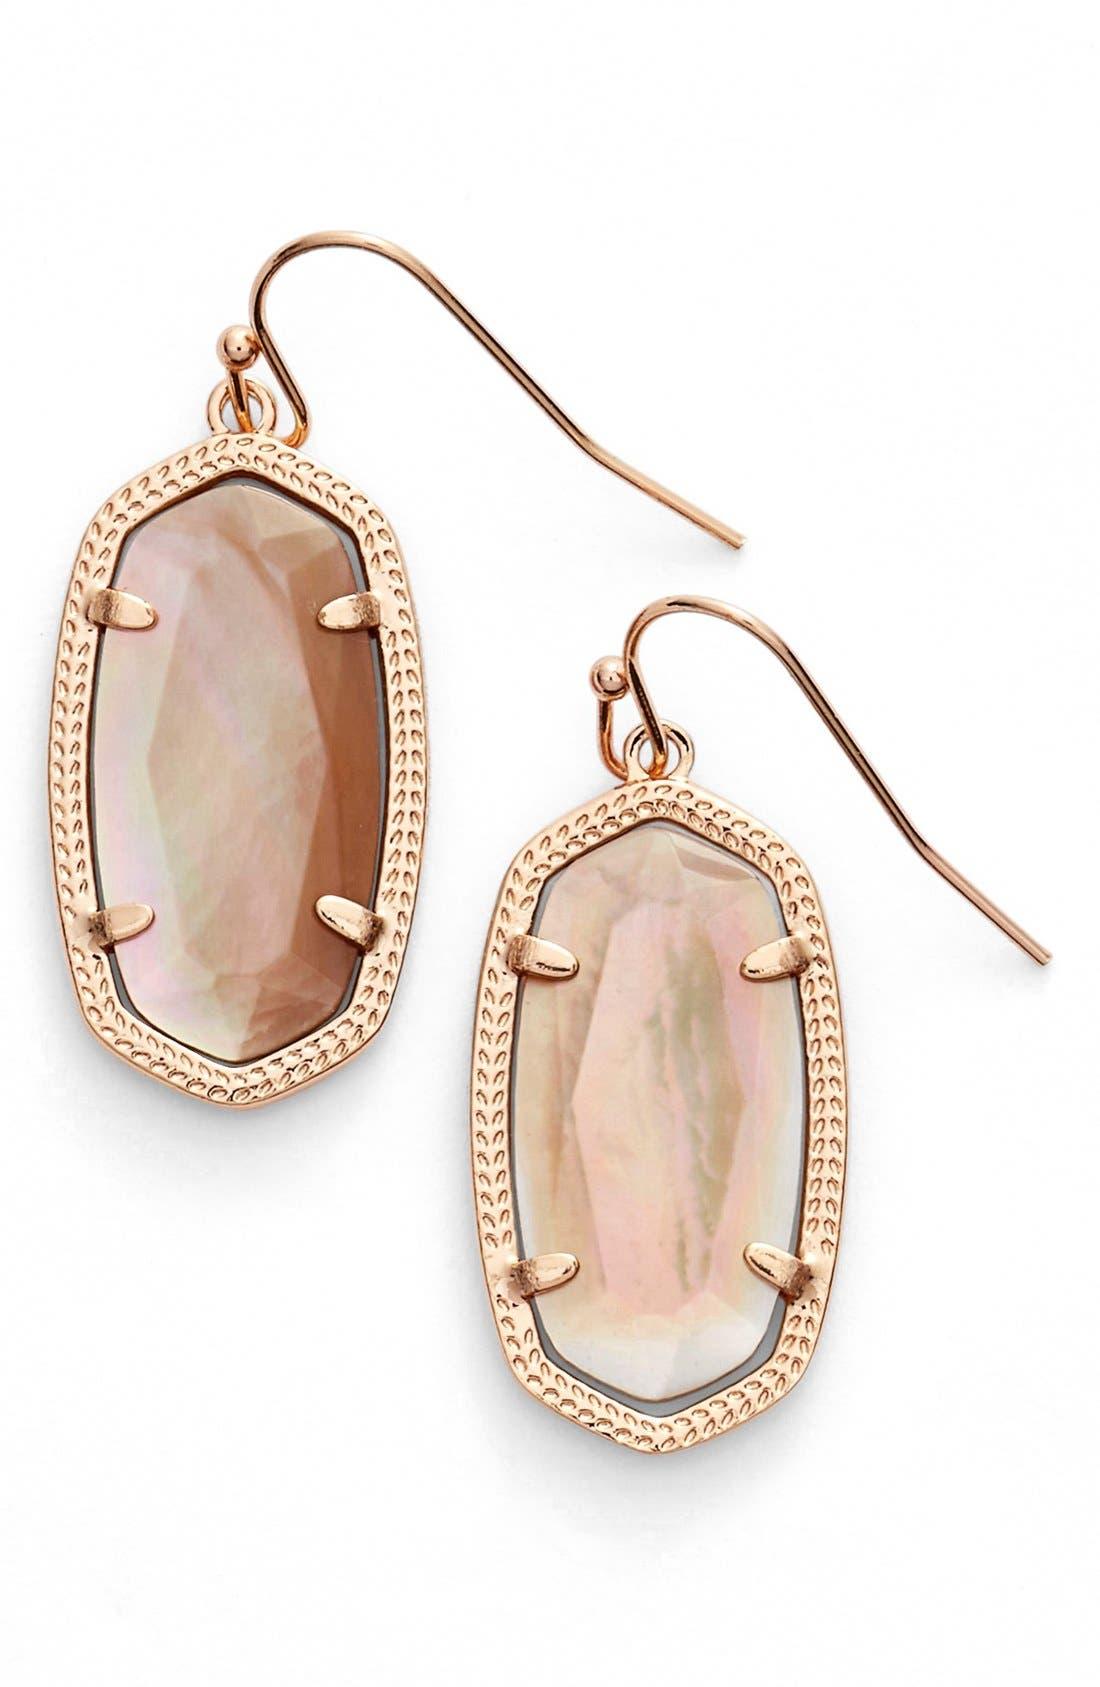 Dani Stone Drop Earrings,                         Main,                         color, Brown Mop/ Rose Gold